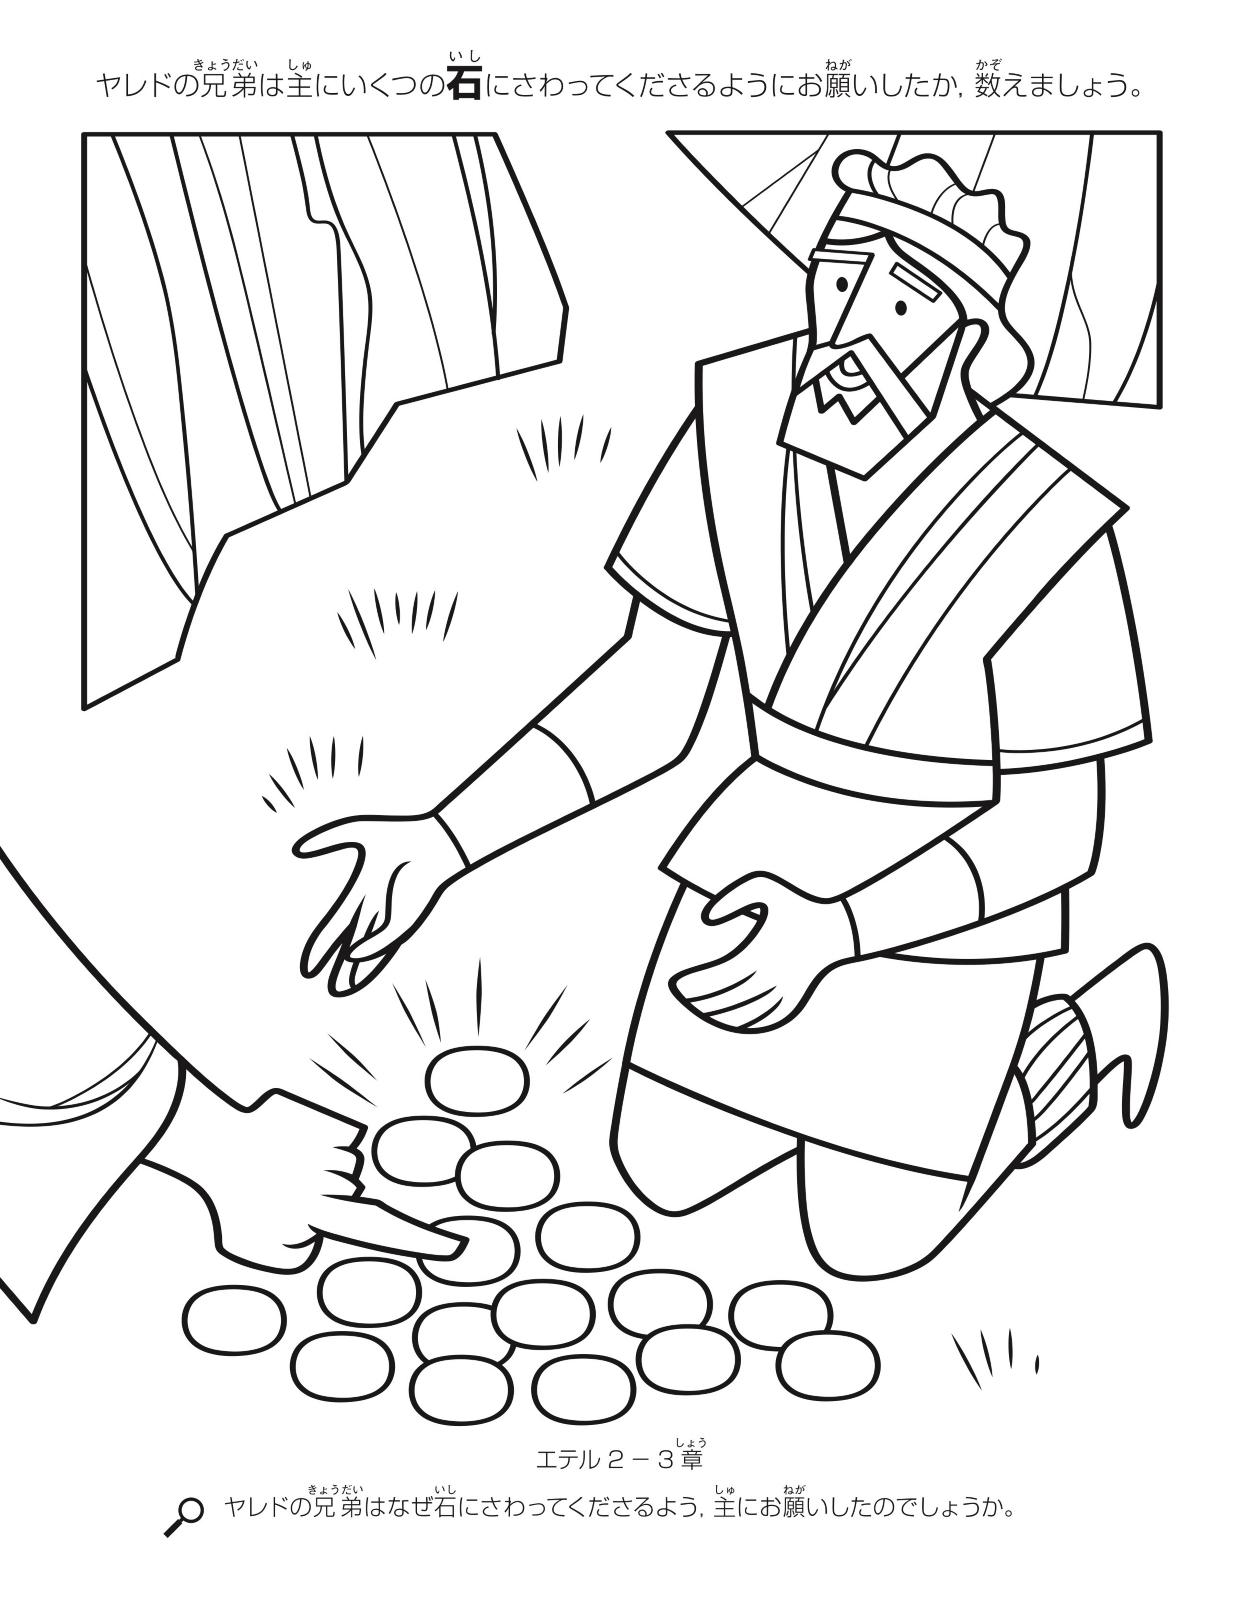 主の指を見るヤレドの兄弟